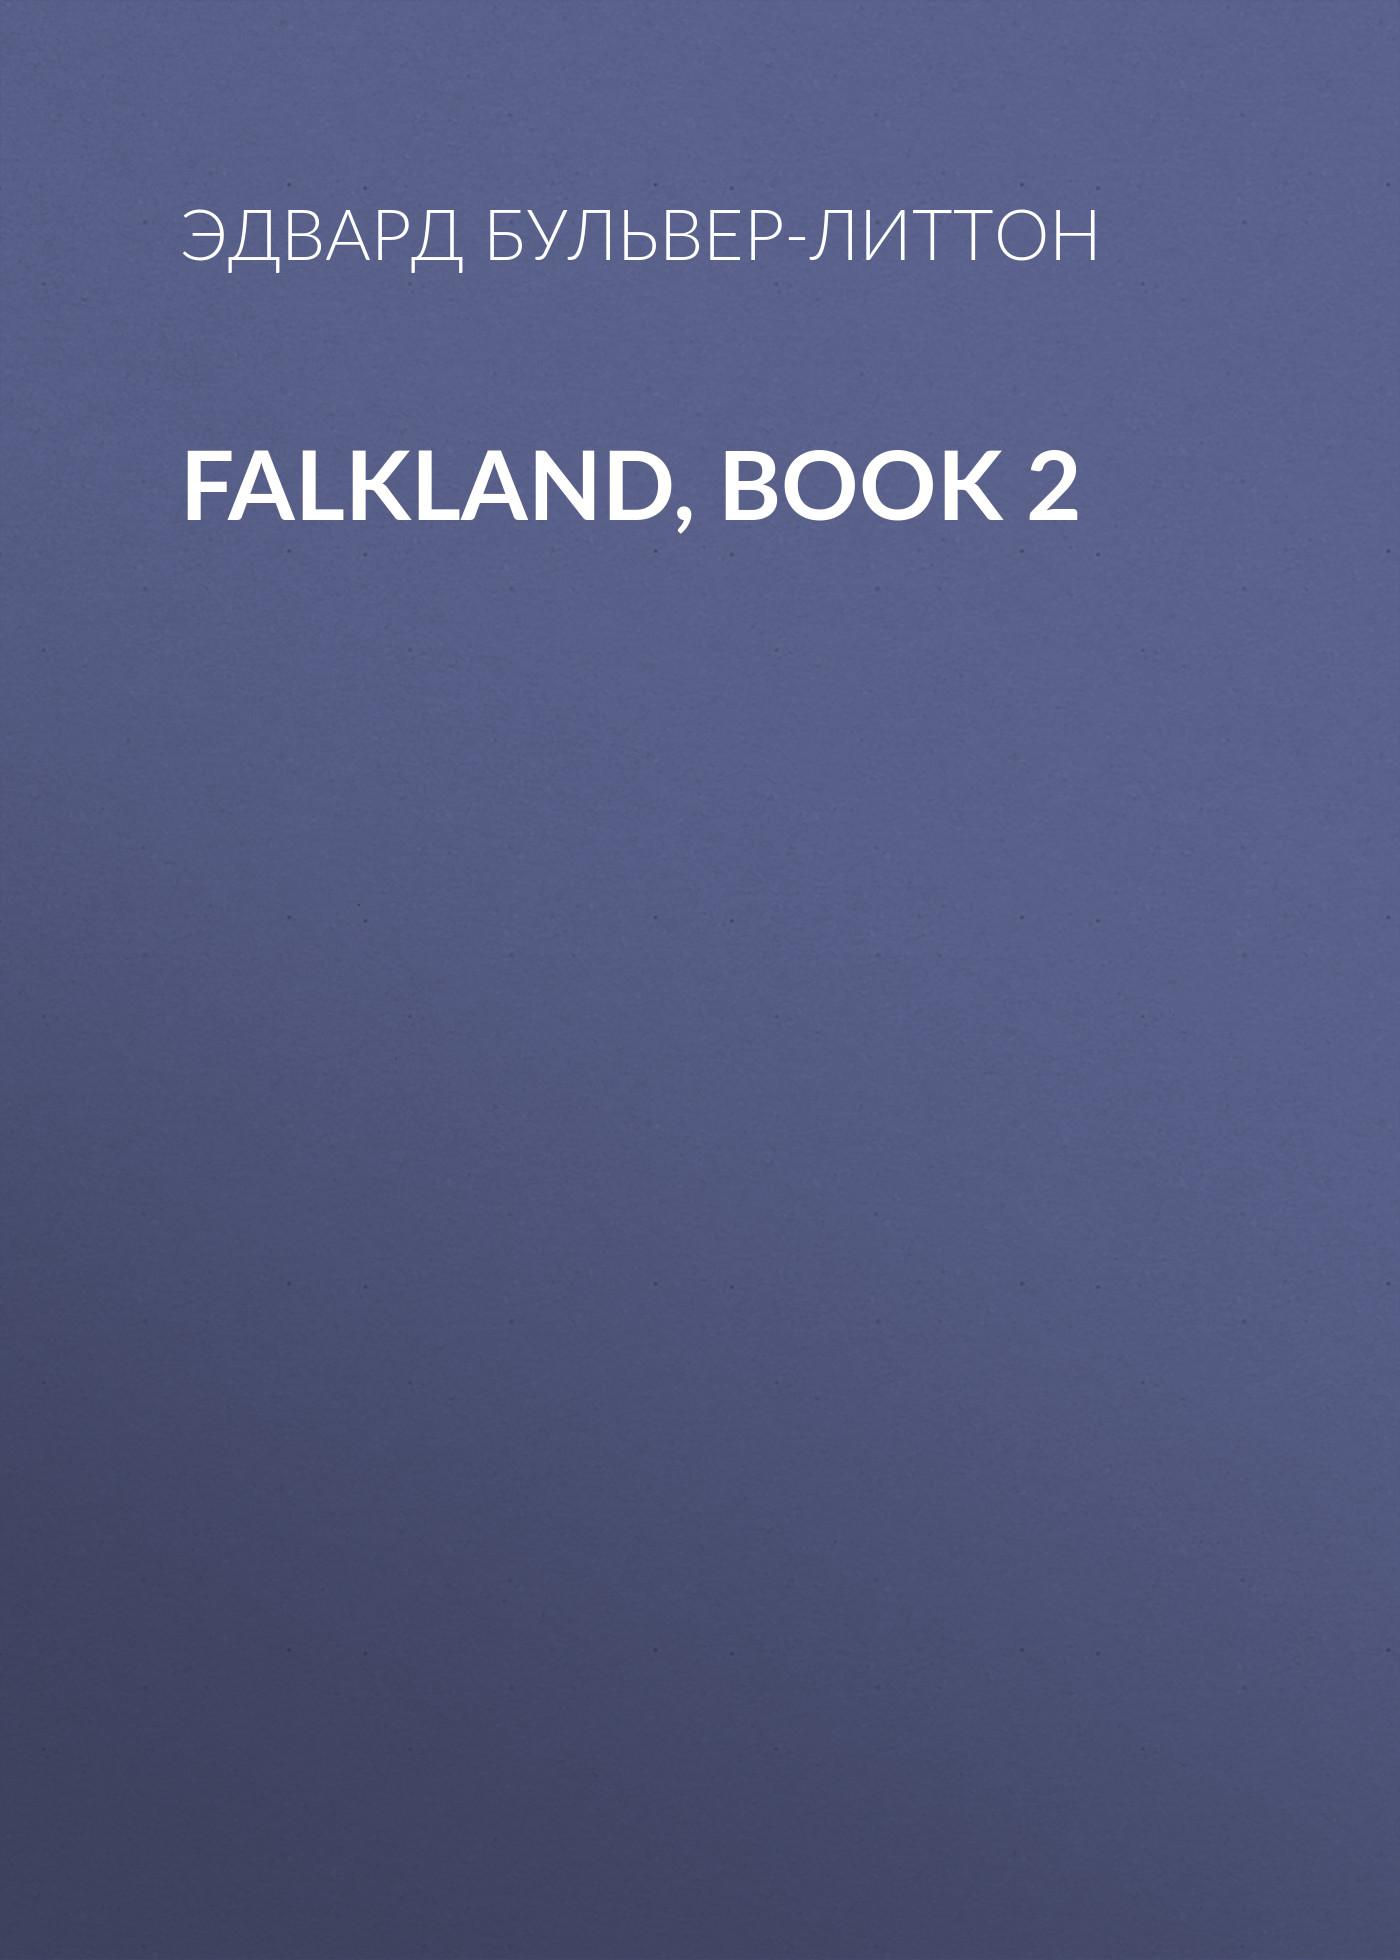 Falkland, Book 2 ( Эдвард Бульвер-Литтон  )